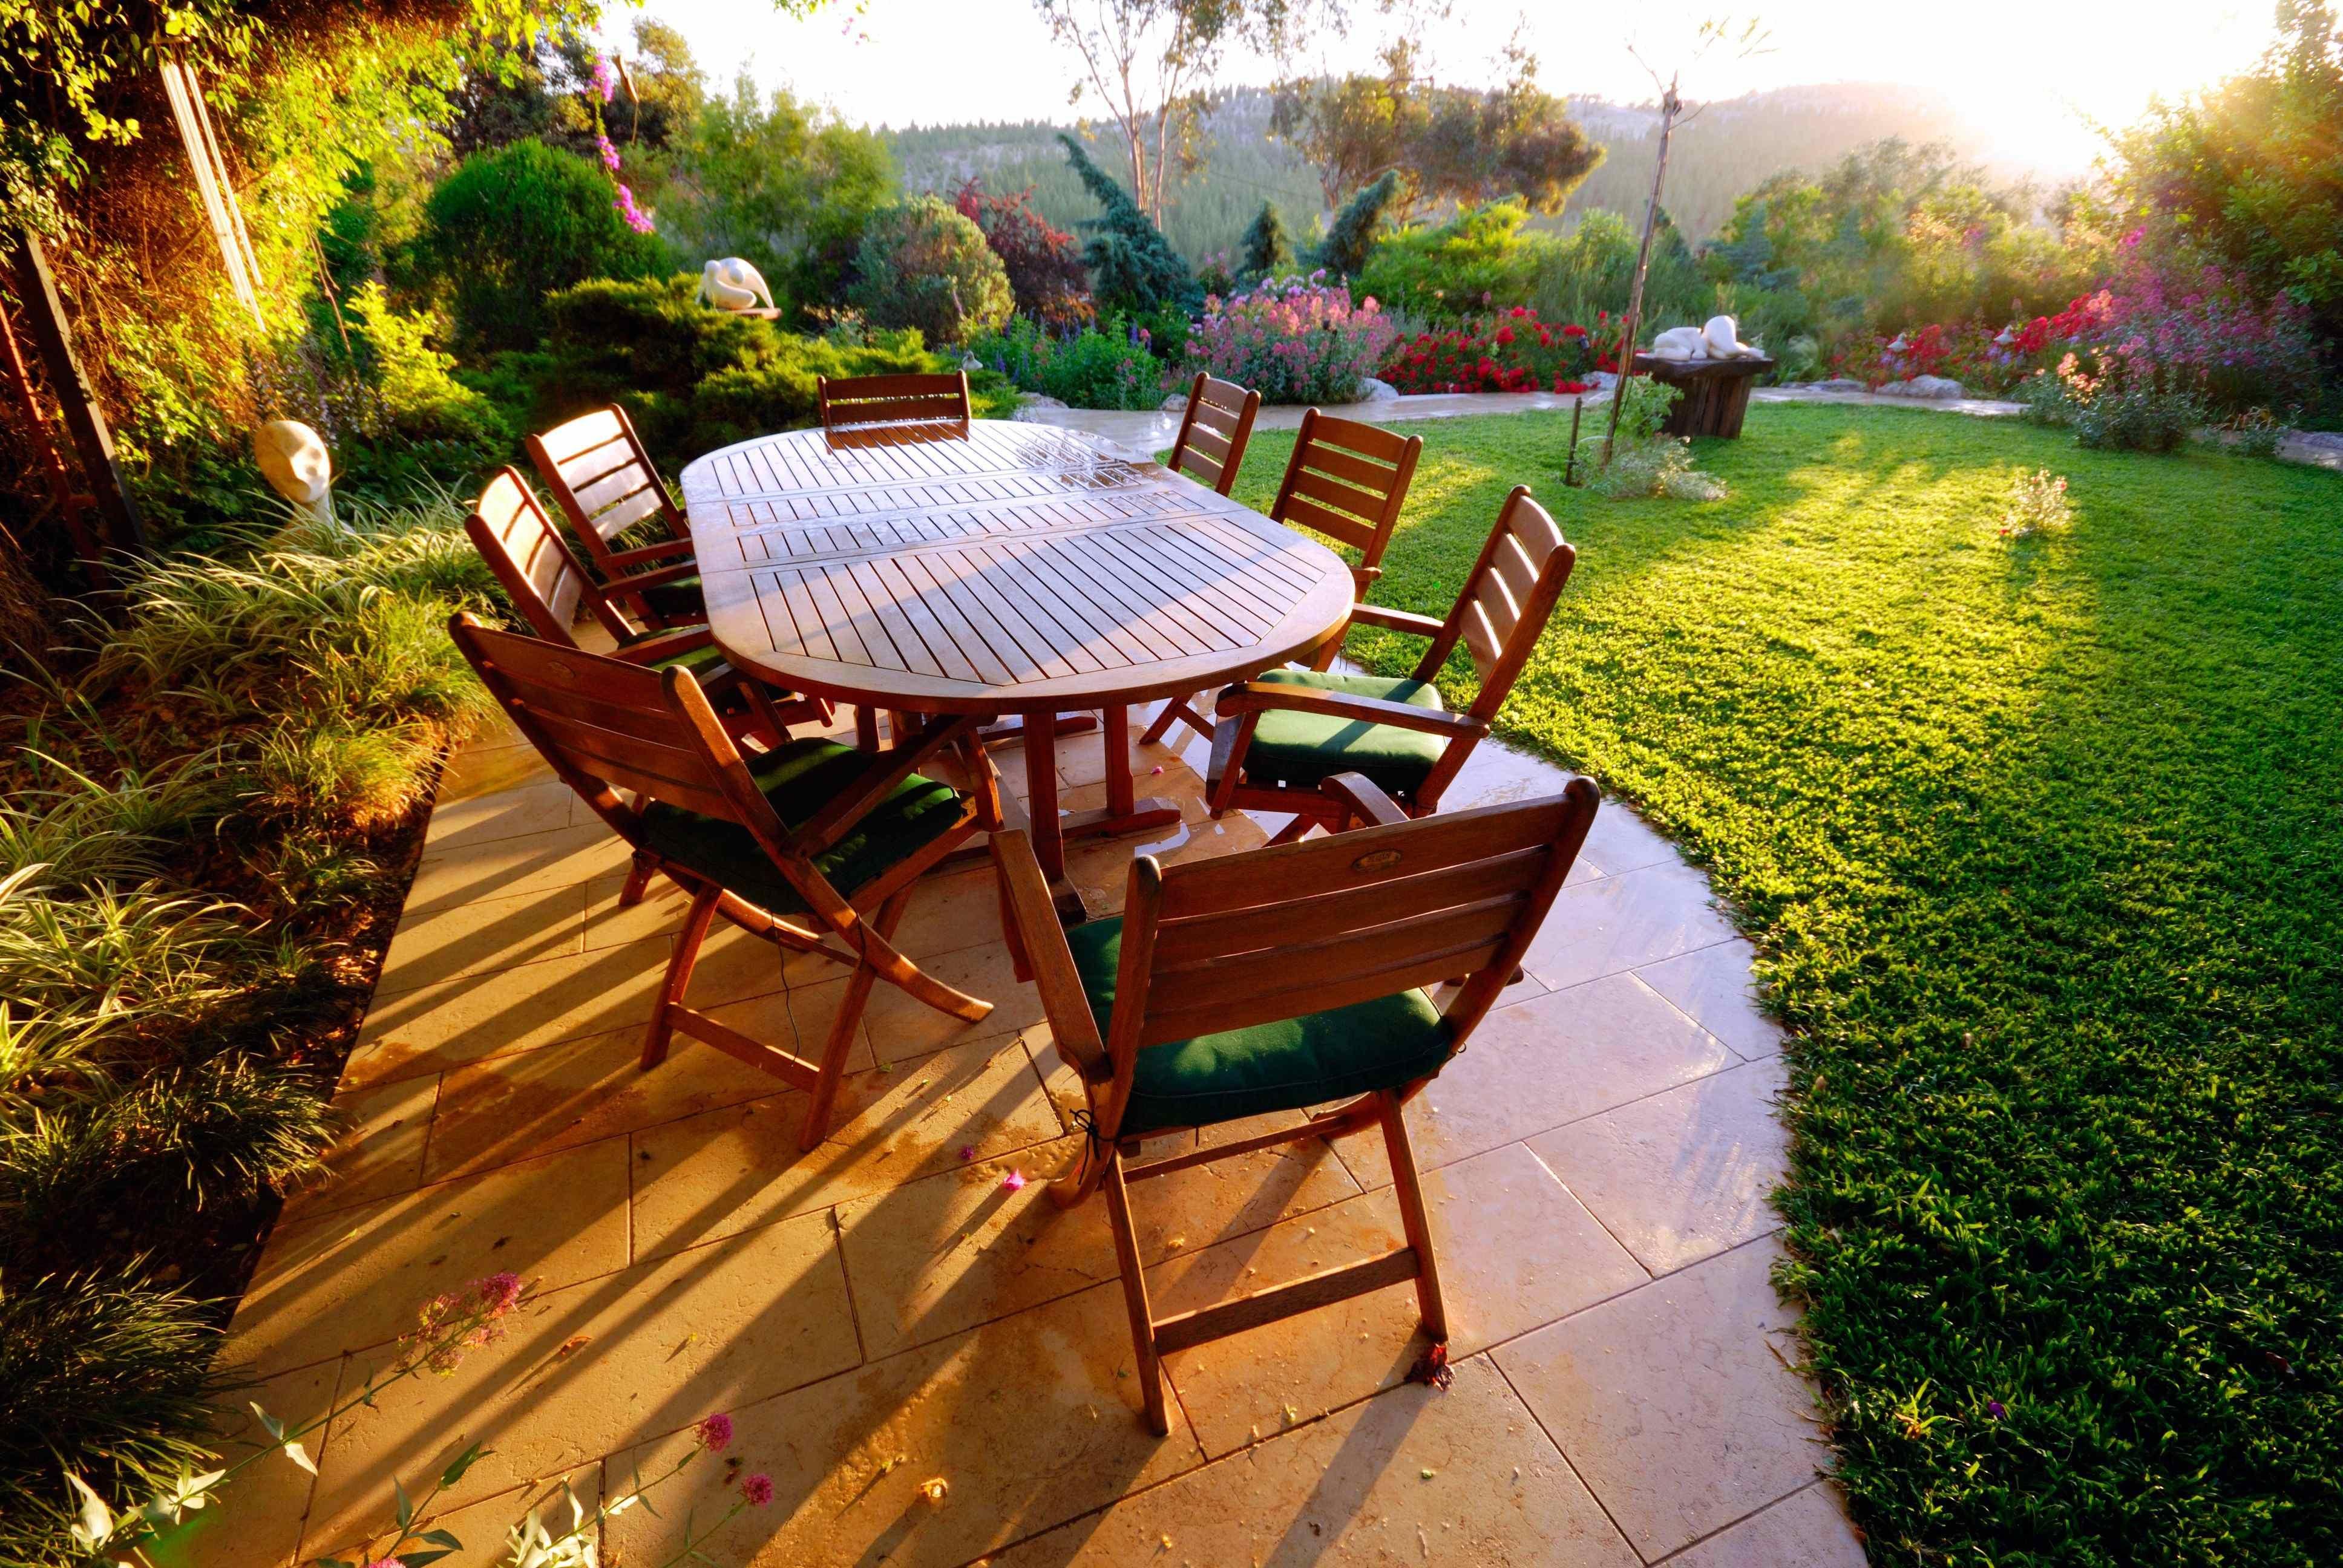 Da eurobrico puoi comprare arredamento e mobili da giardino. Come Scegliere Un Set Di Mobili Da Giardino